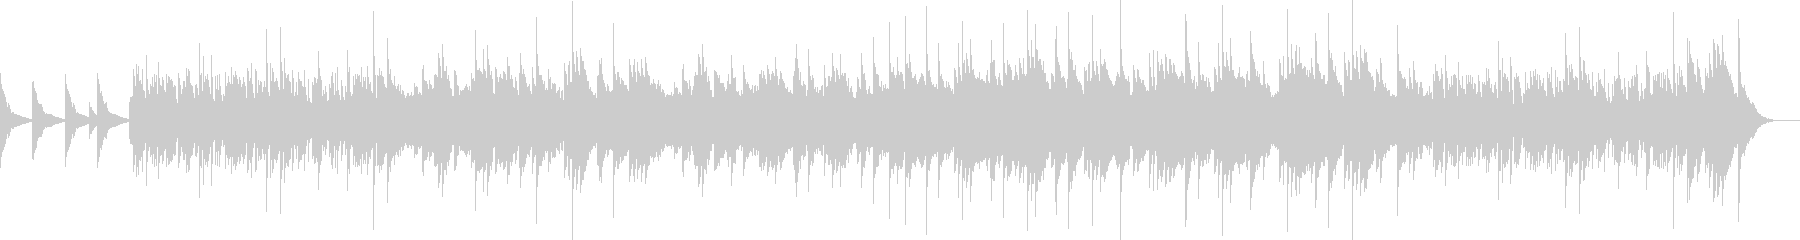 ピアノとストリングスによる映像向きの曲の未再生の波形